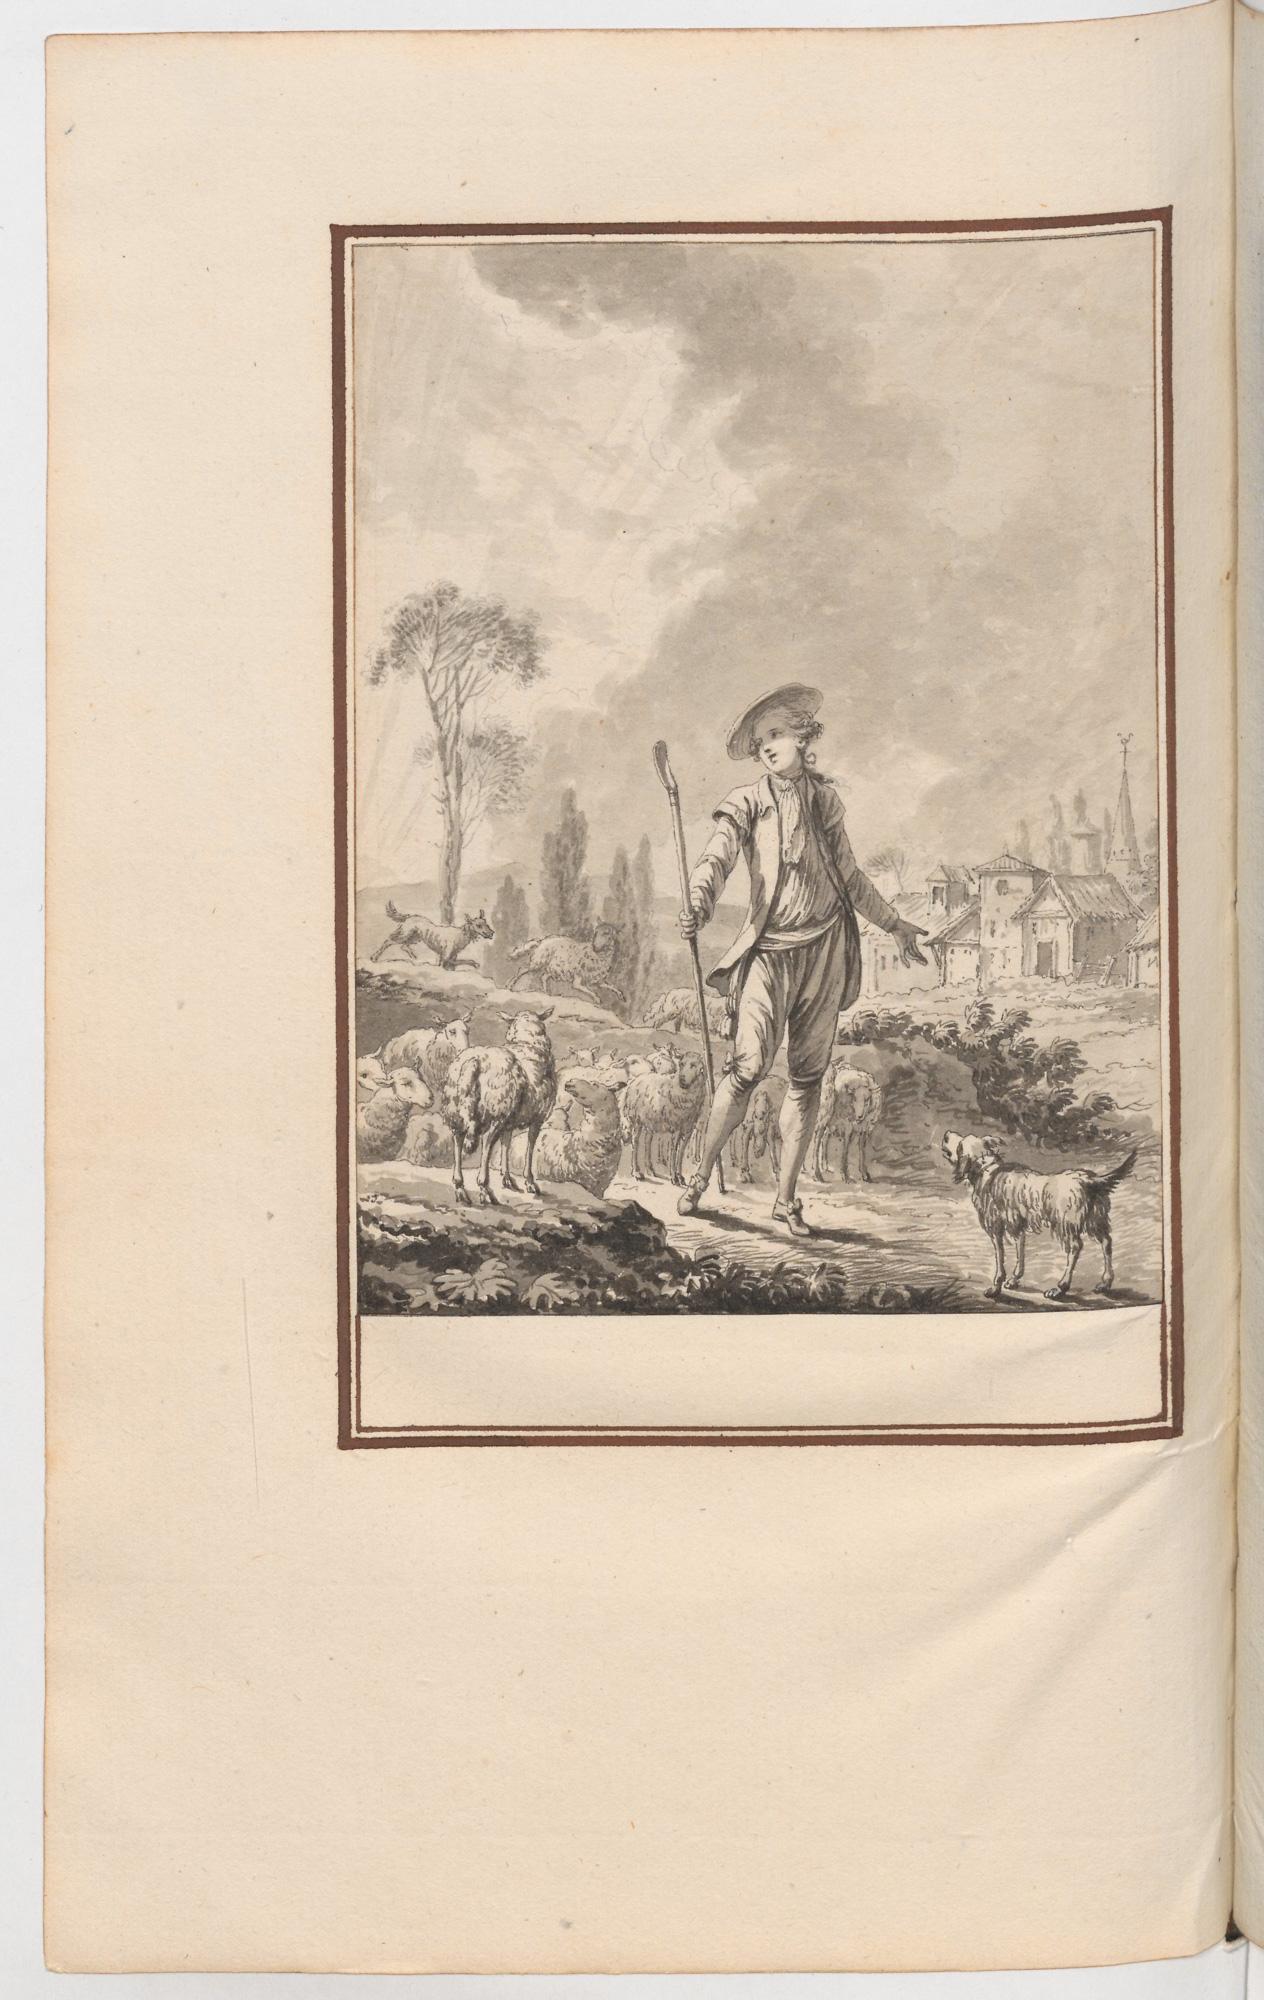 S.3.20 Le retour du berger, Chantilly, Image